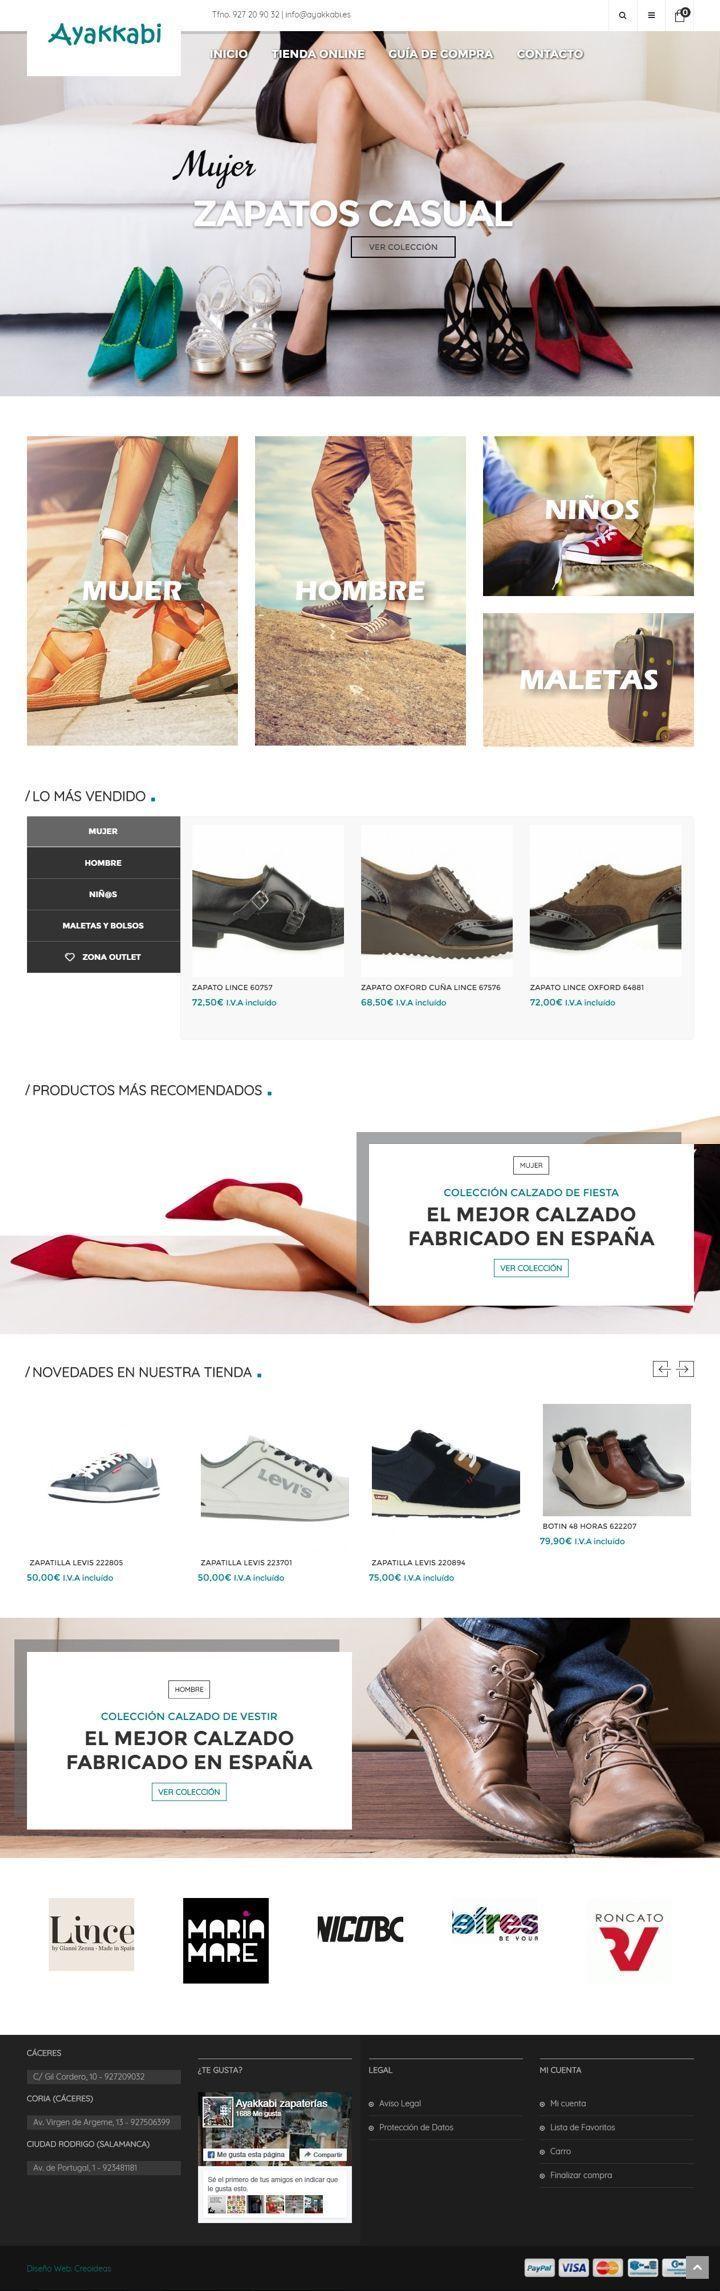 Ayakkabi Zapaterías Cáceres - Tienda Online de Calzado